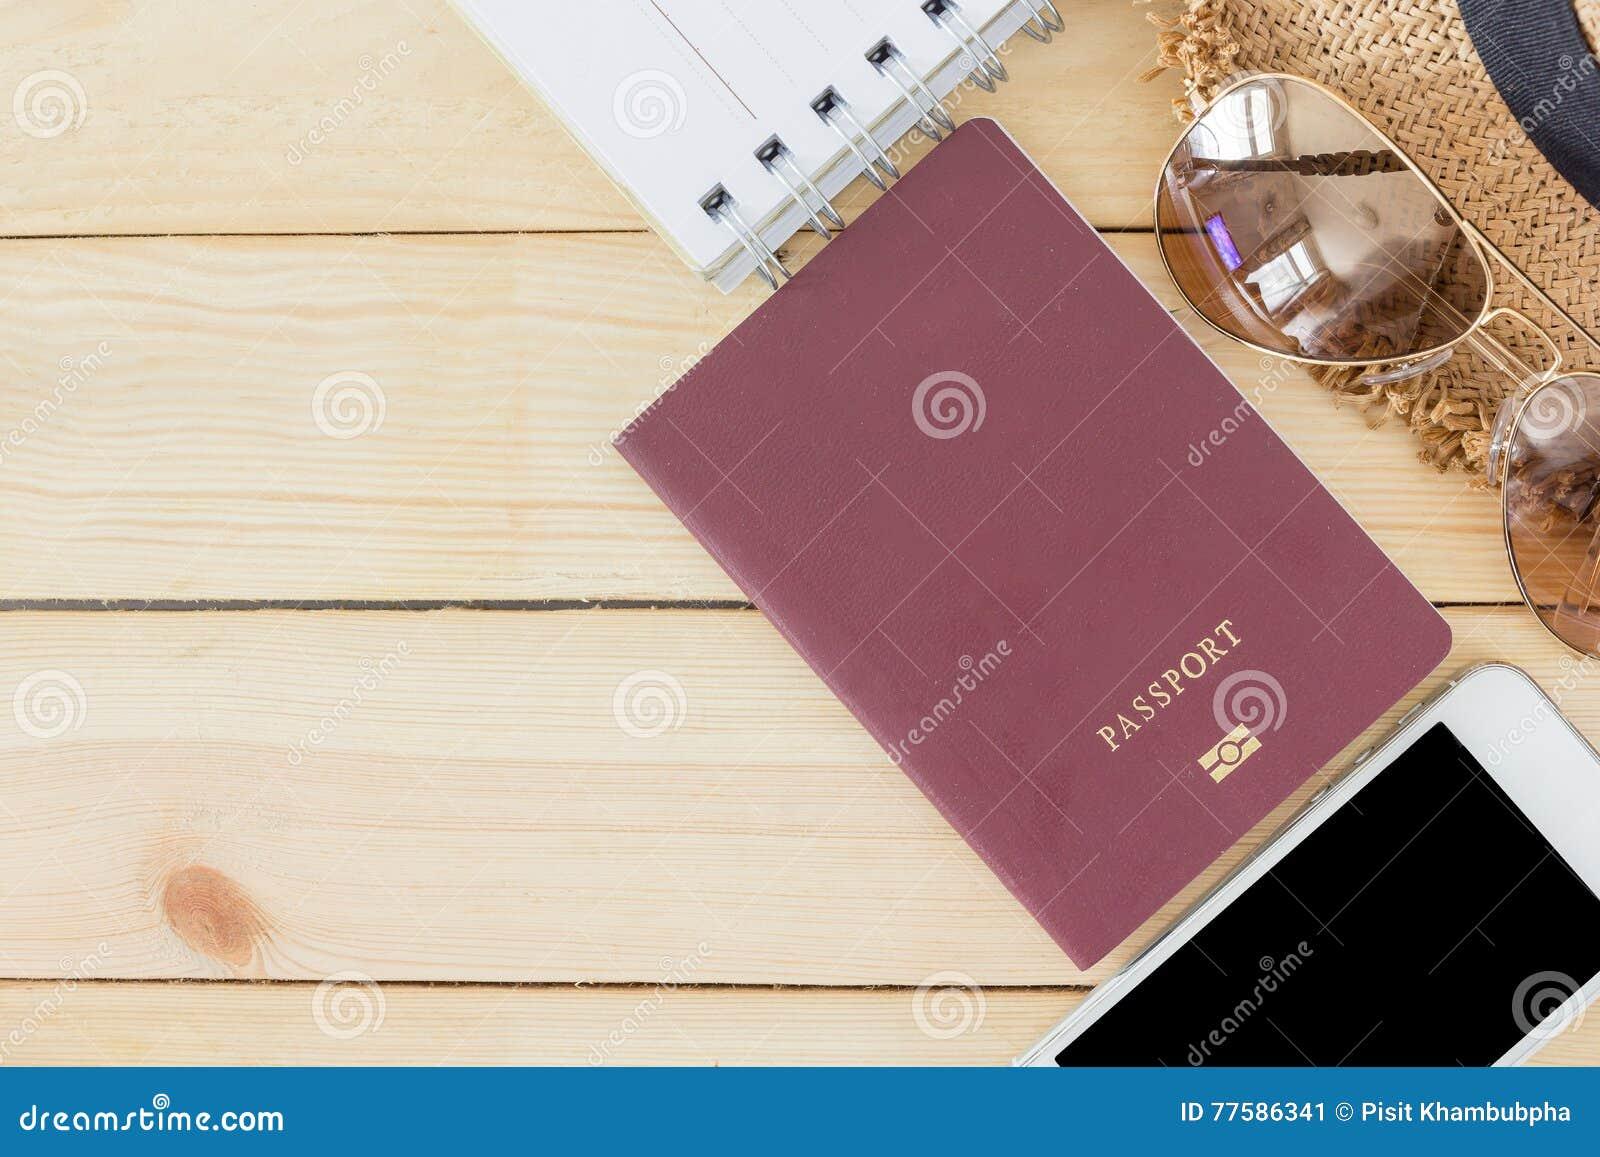 Préparation pour le concept de déplacement, passeport, smartphone, lunettes de soleil, livre remarquable, chapeau sur un fond en